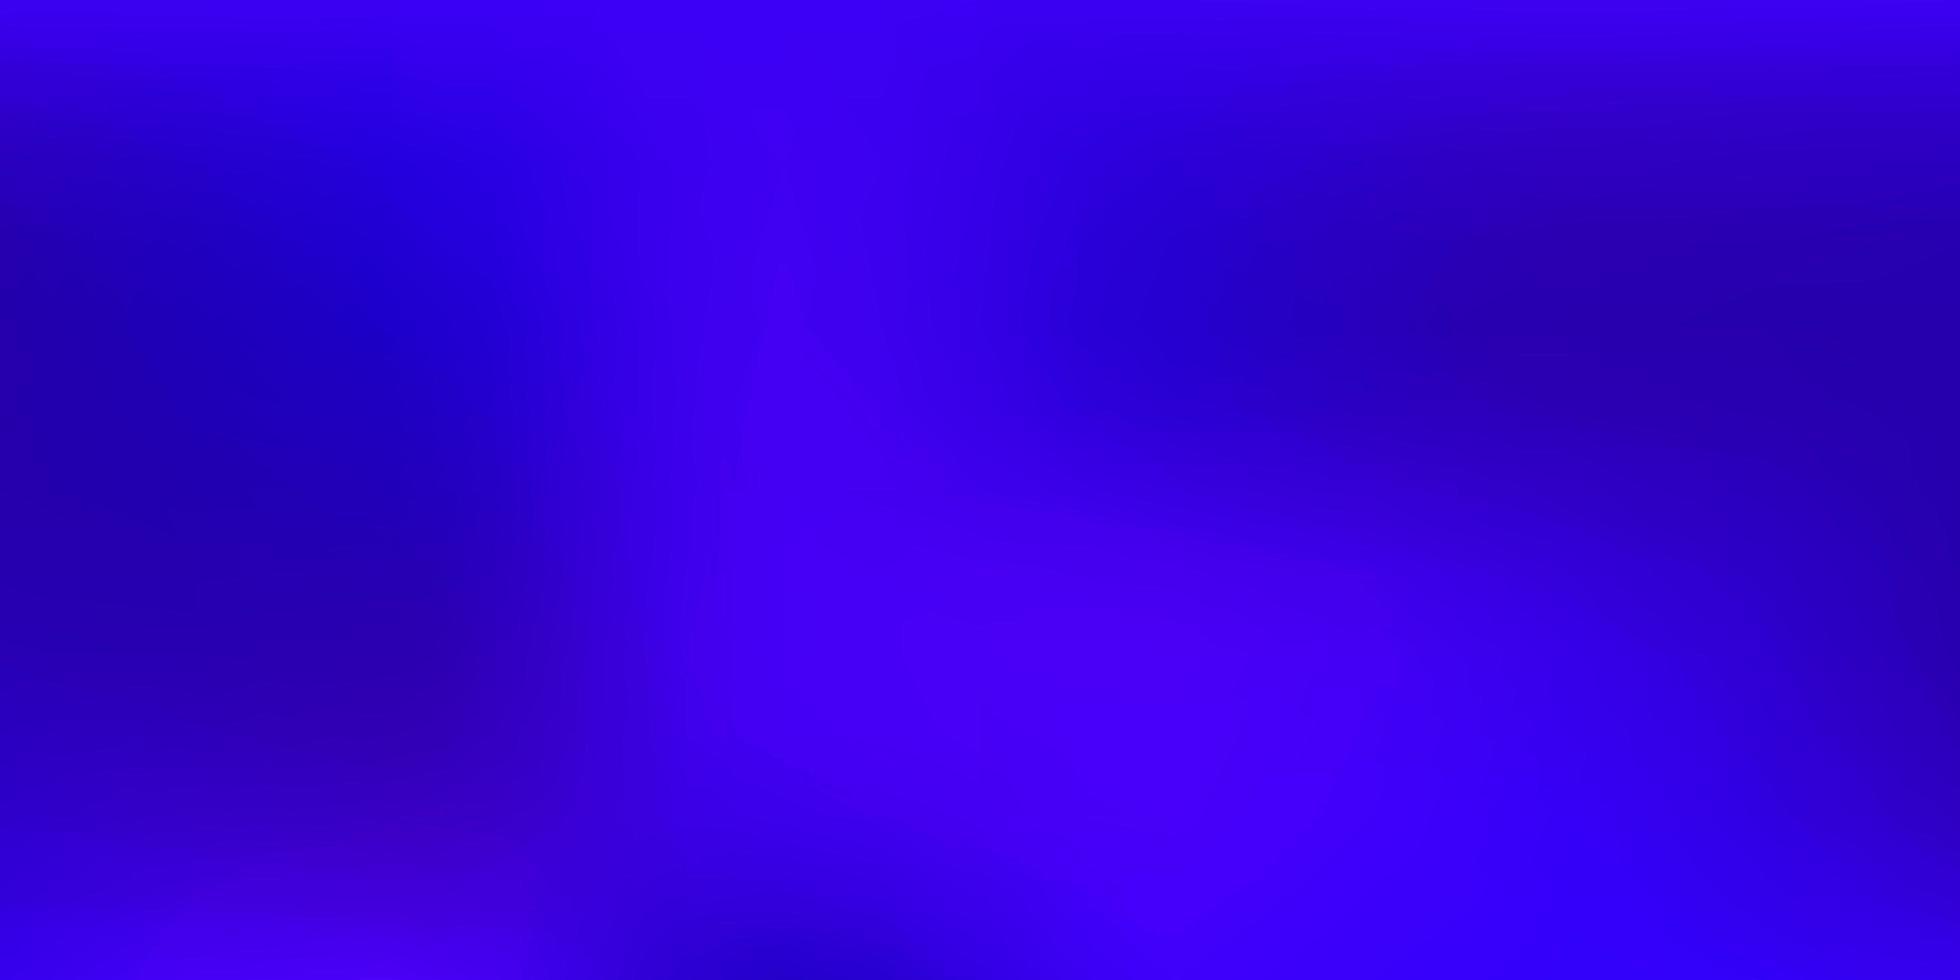 fondo borroso azul oscuro vector